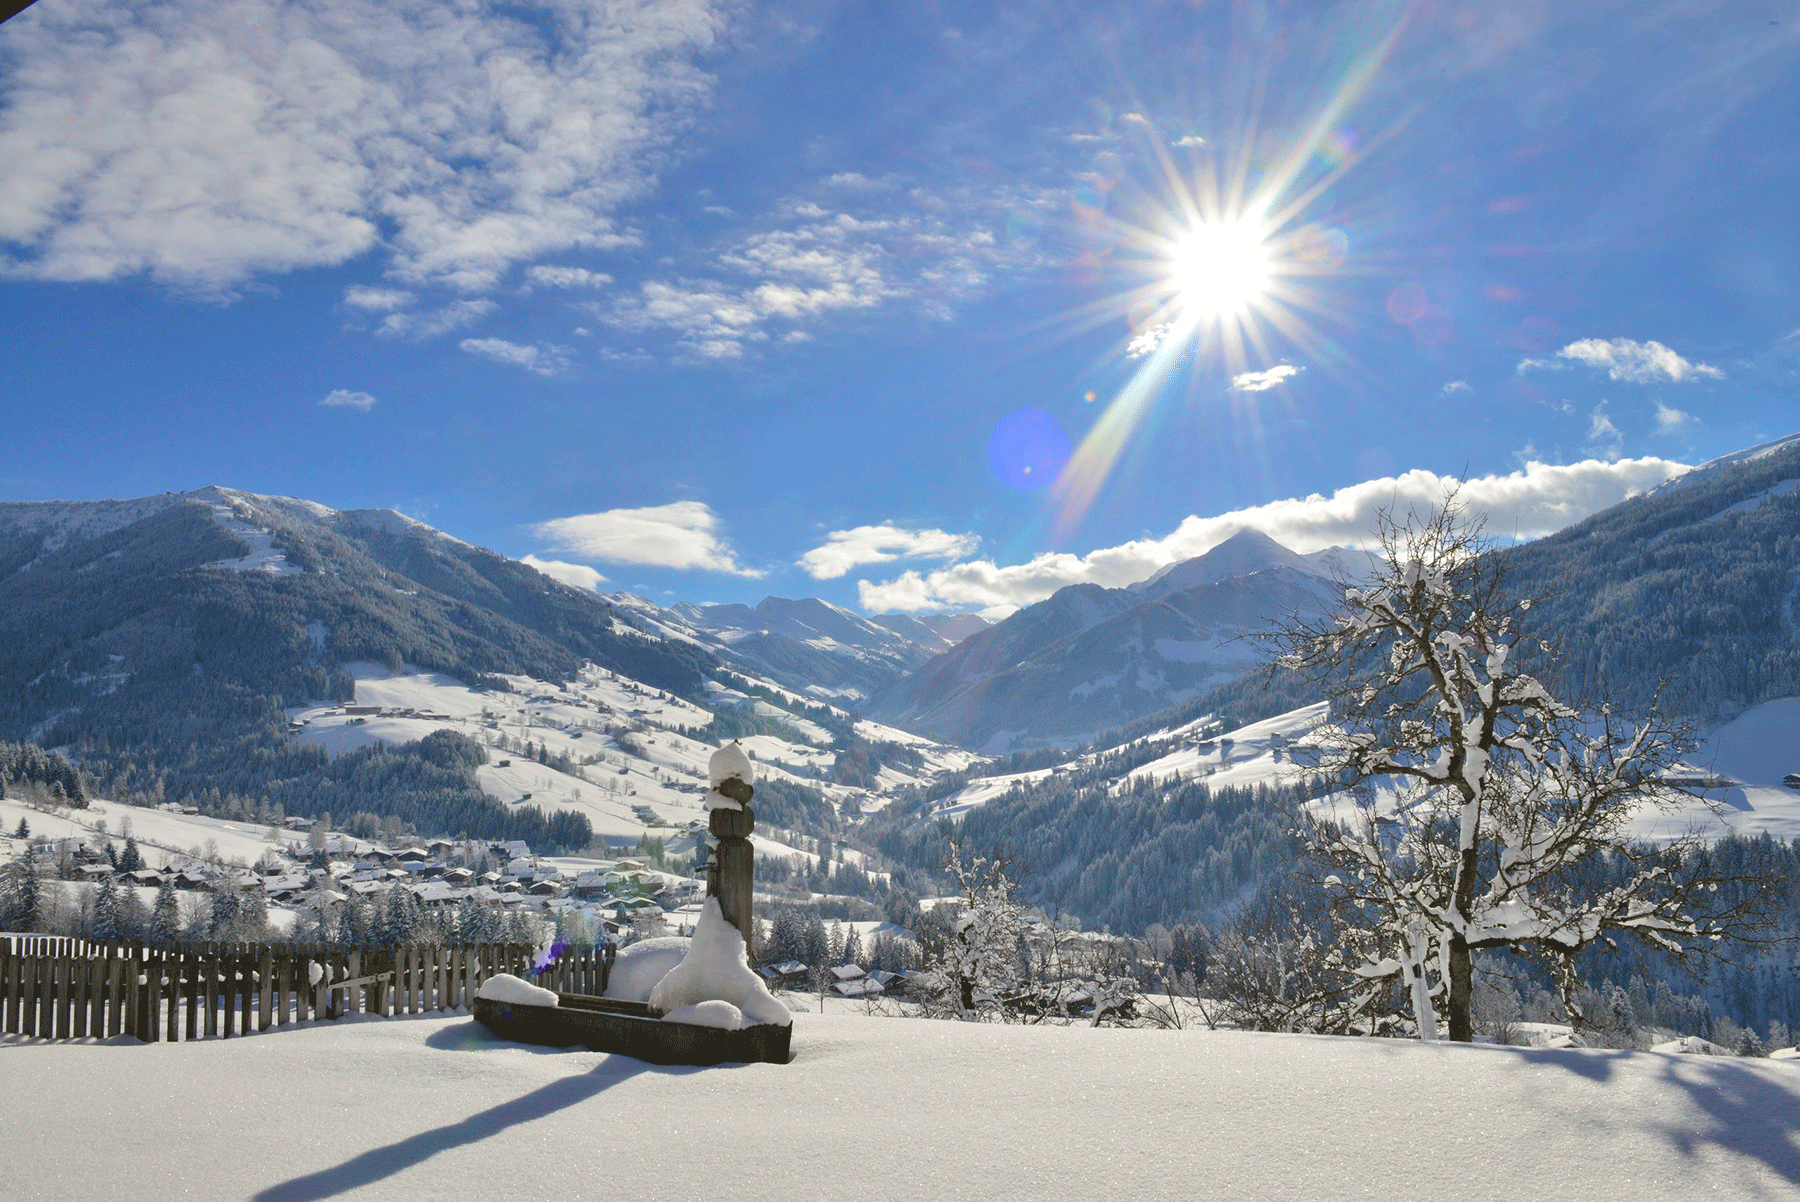 Bischofen im Winter Winterurlaub Skigebiet Juwel